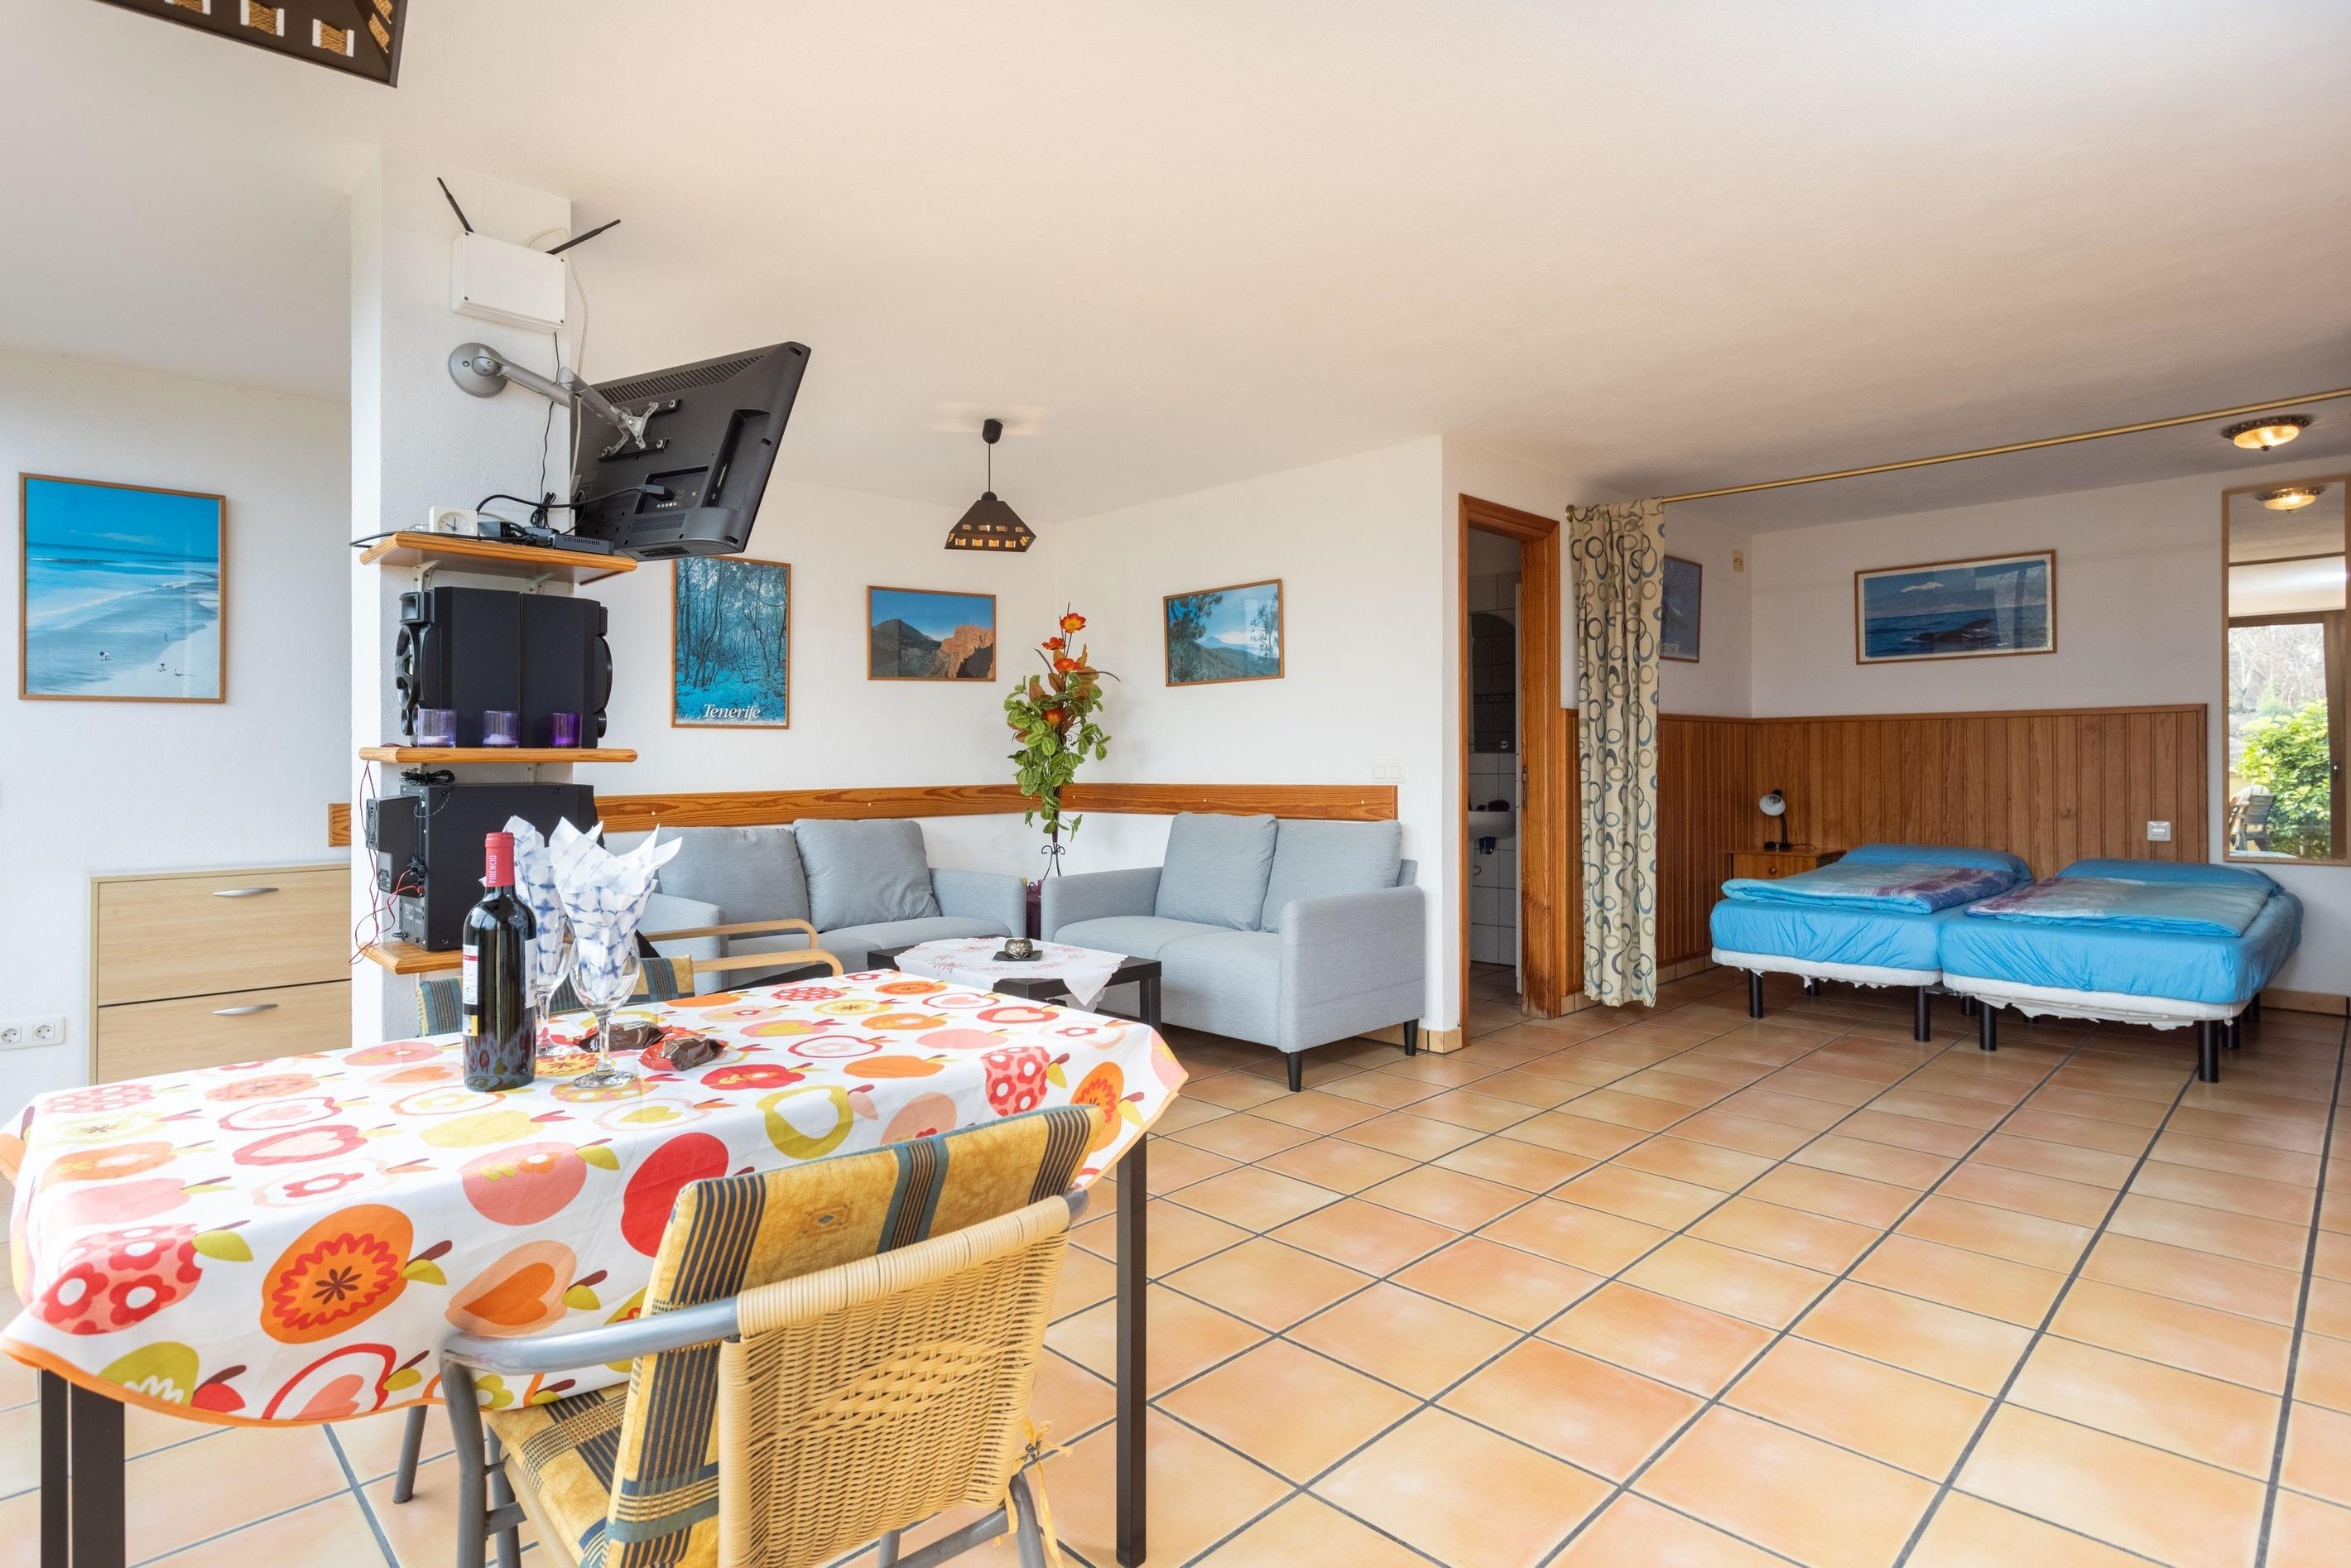 Appartement de vacances Fewo Rocamar, auf dem Felsen über dem Meer mit toller Sicht, 2 Terrassen, Pool, Grill und  (2492985), Santa Ursula, Ténérife, Iles Canaries, Espagne, image 6